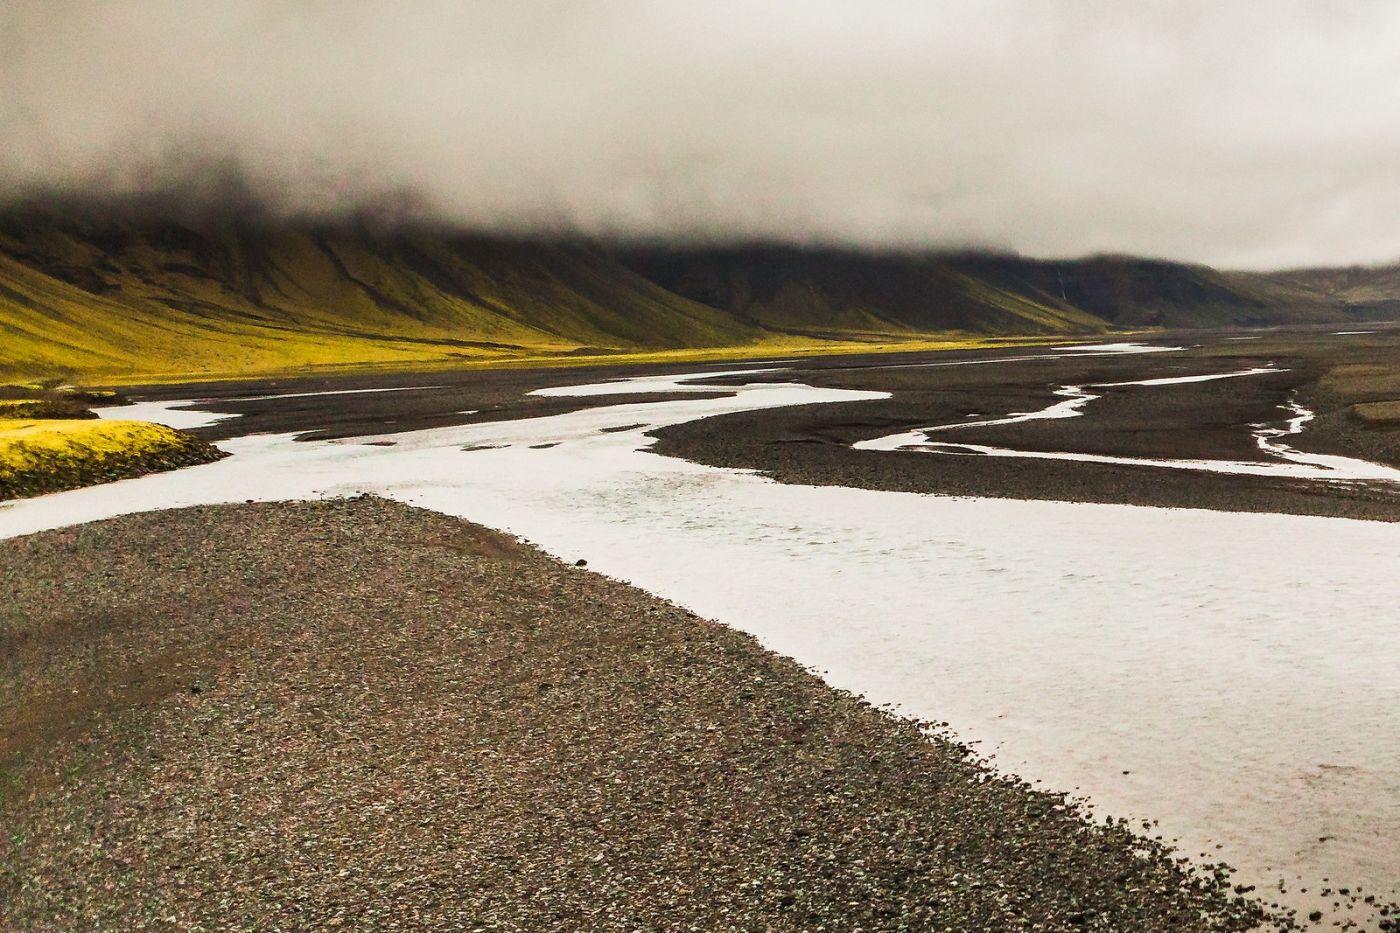 冰岛风采,那一片水景_图1-4